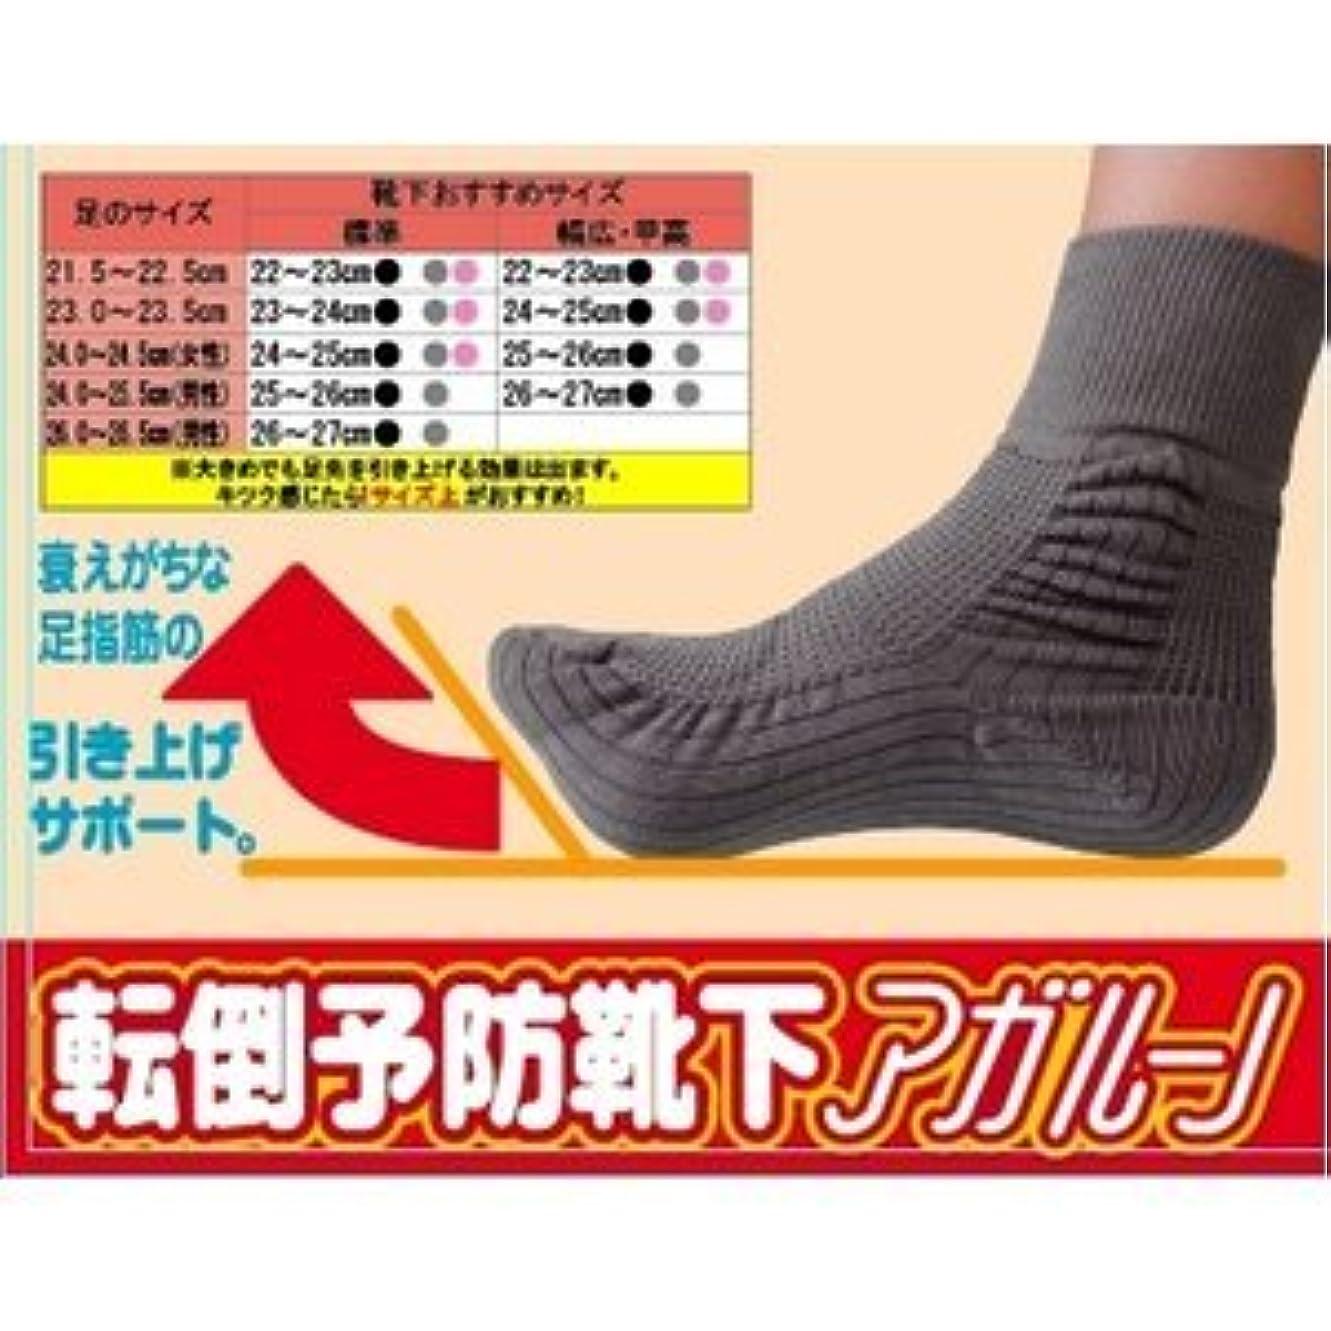 味方下に向けます演じる転倒防止 靴下/ソックス 3足組 【ブラック×3 26cm~27cm】 日本製 洗える 広島大学大学院共同開発 『アガルーノ』